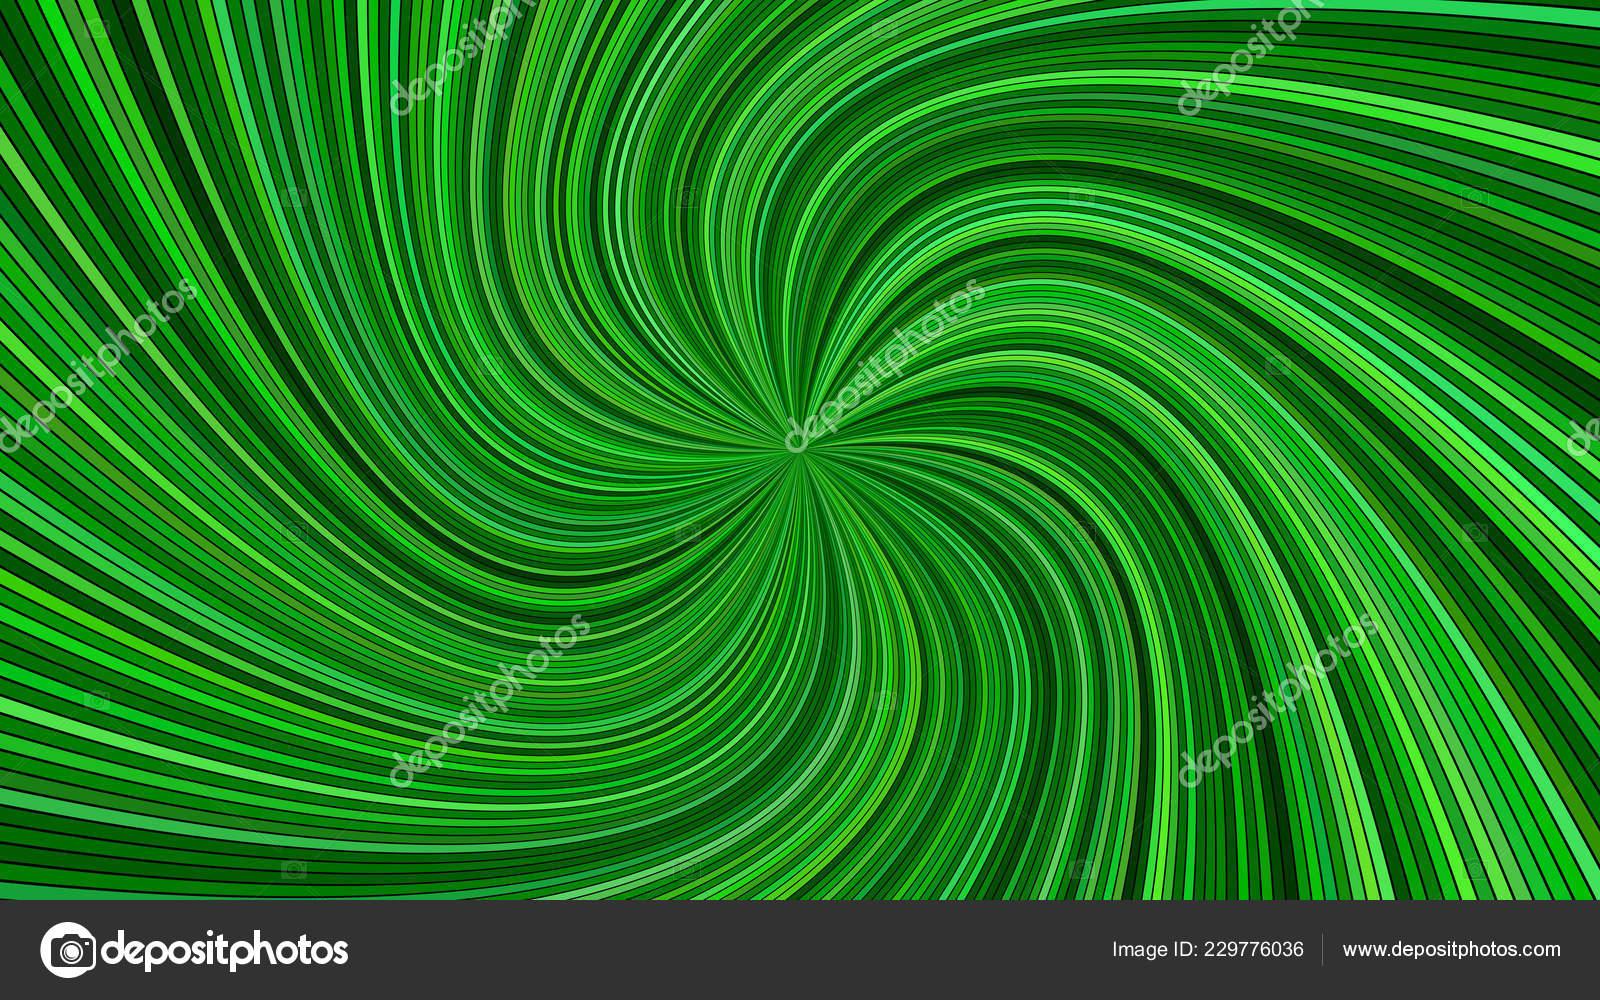 Sfondo Hd Verde Verde Sfondo Striscia A Spirale Astratto